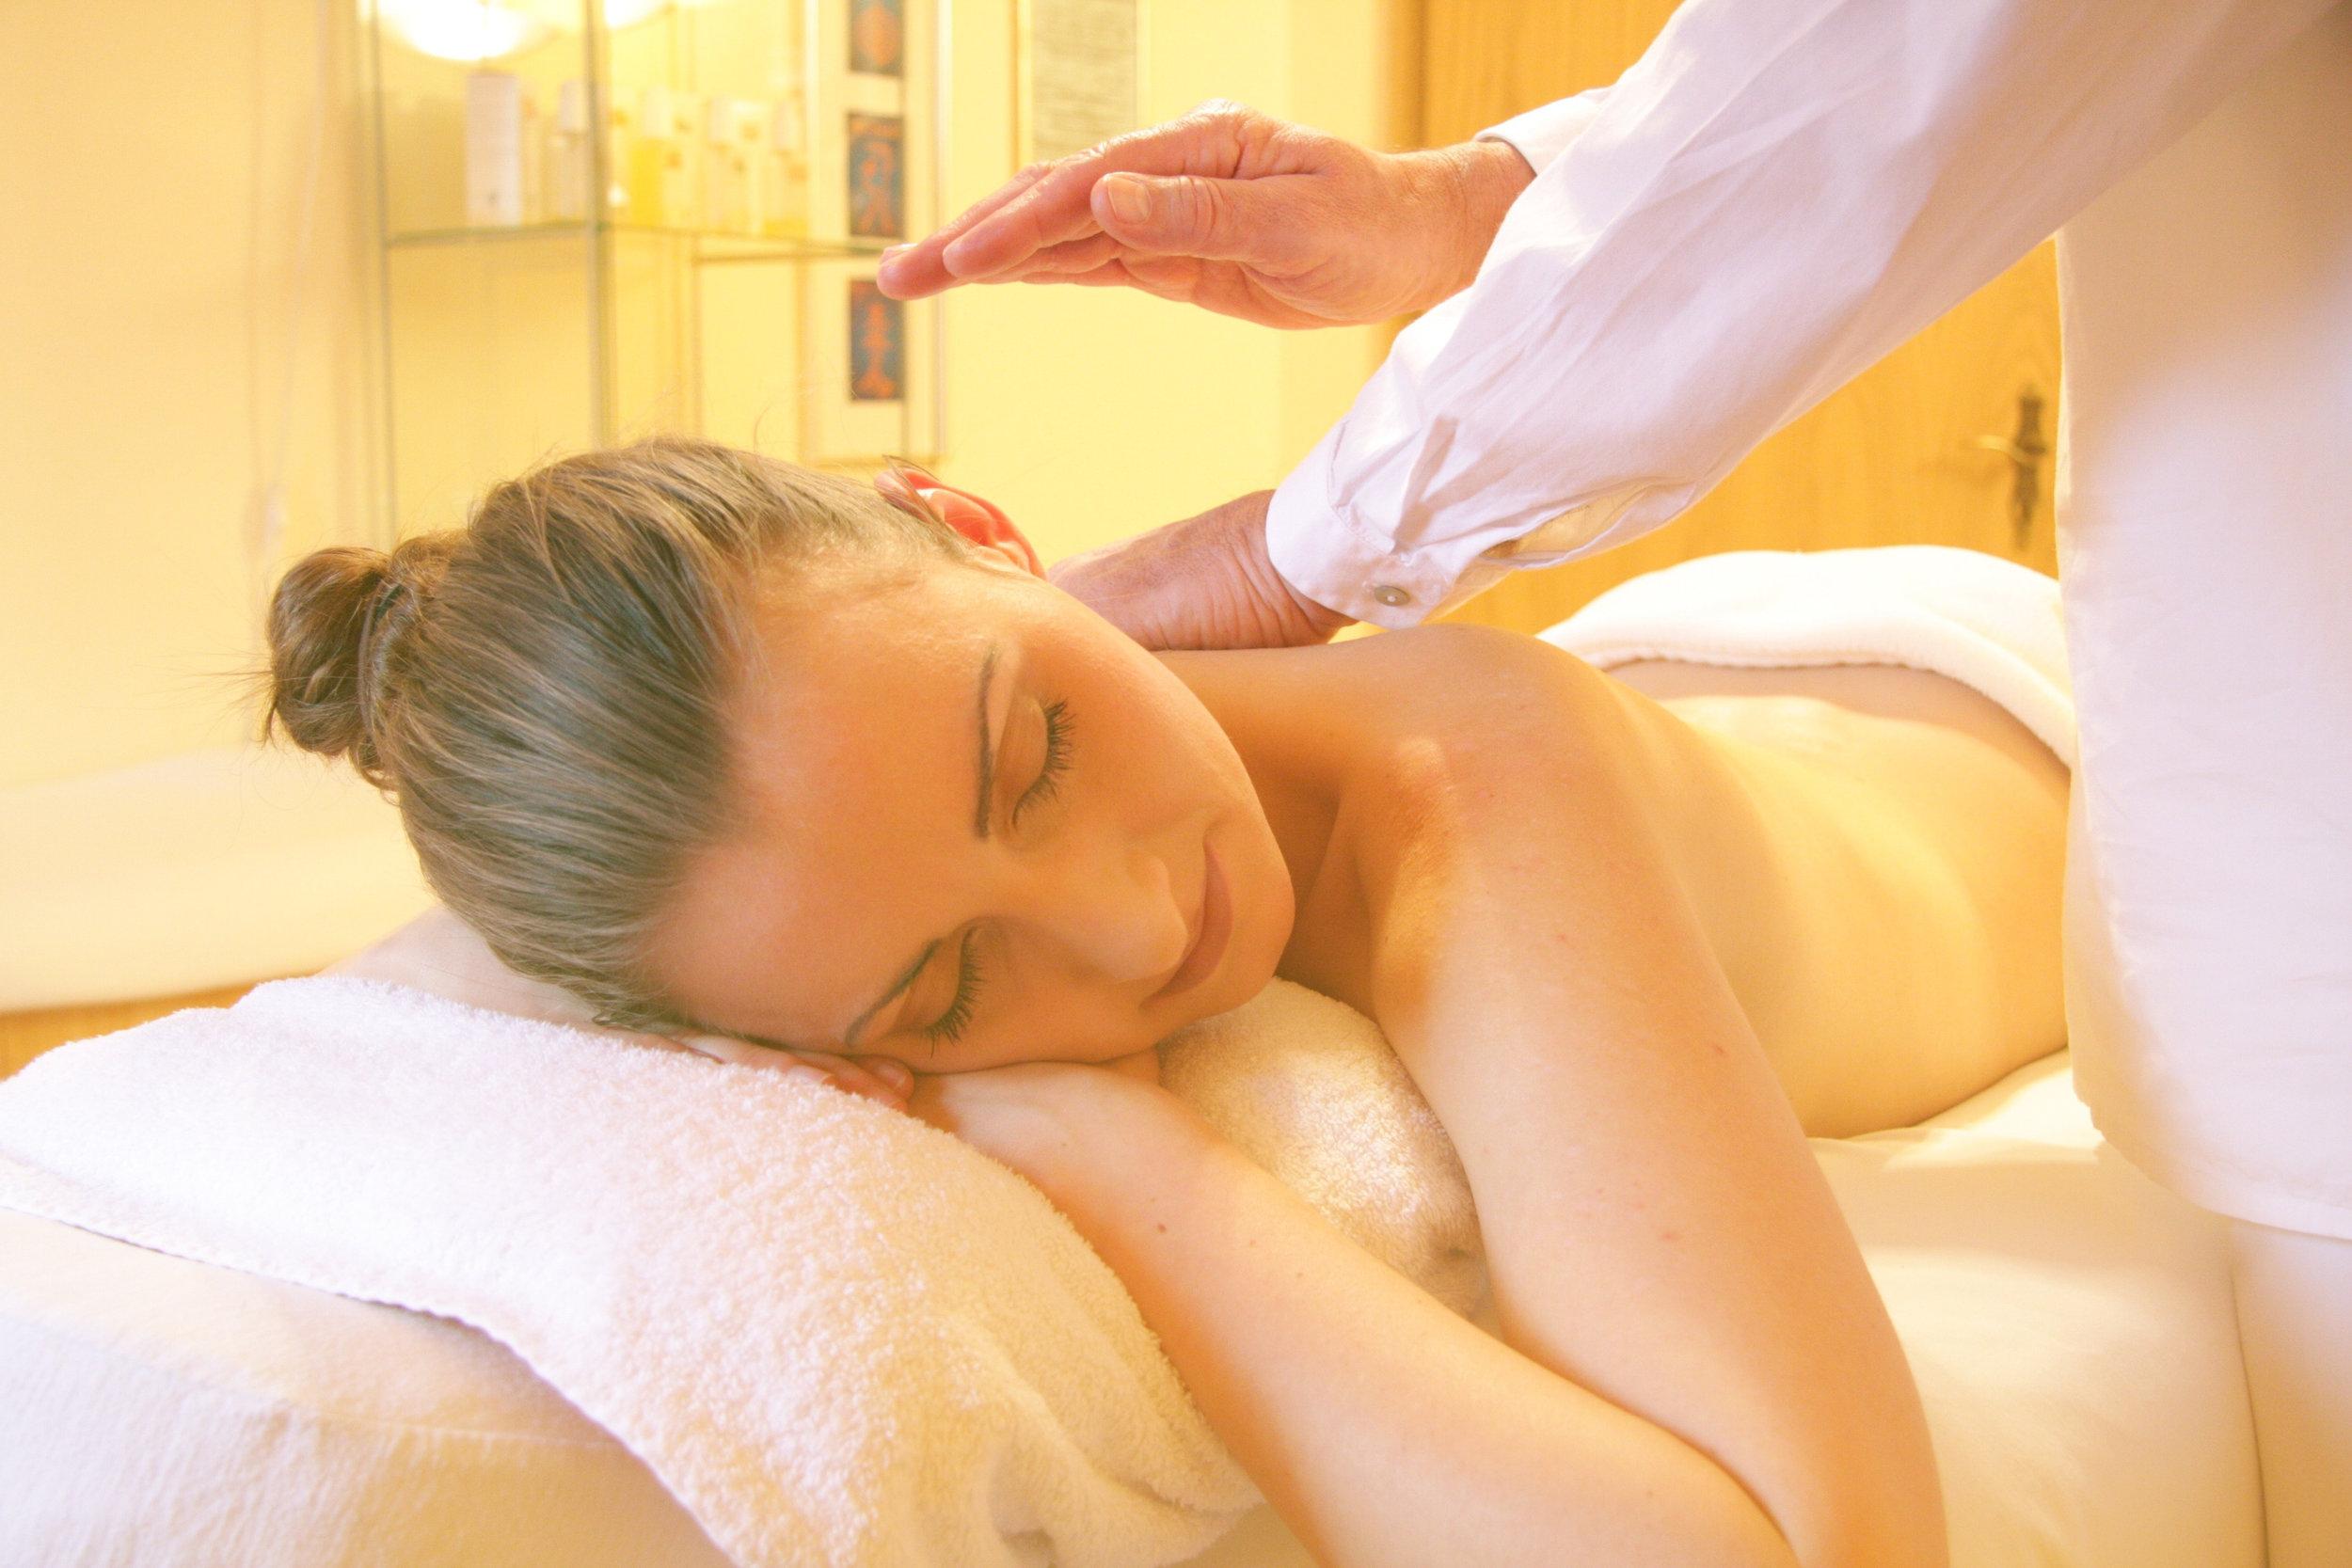 beauty-face-massage-56884 copy.jpg